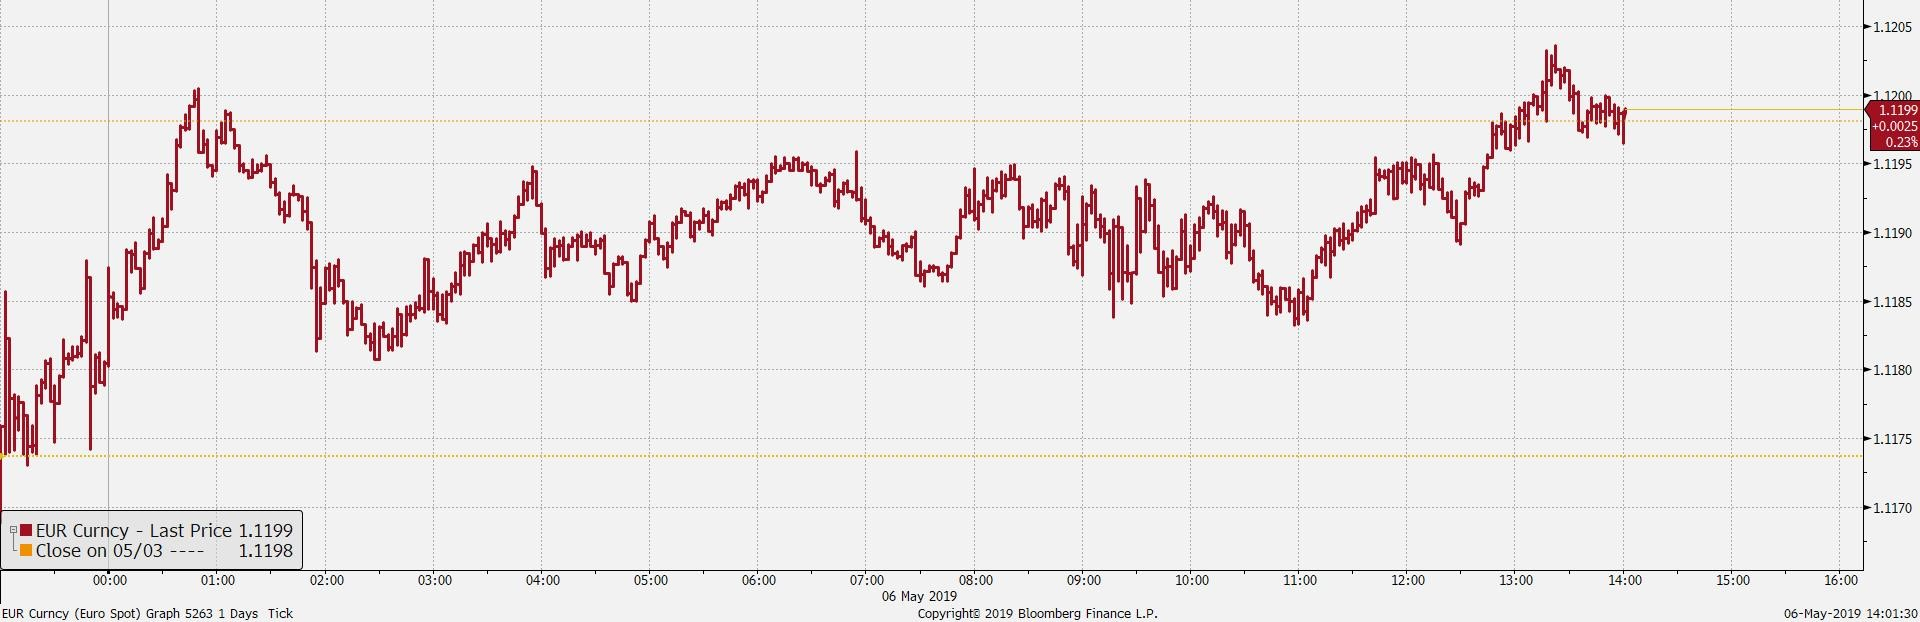 Wykres tickowy EUR/USD. Źródło: Bloomberg